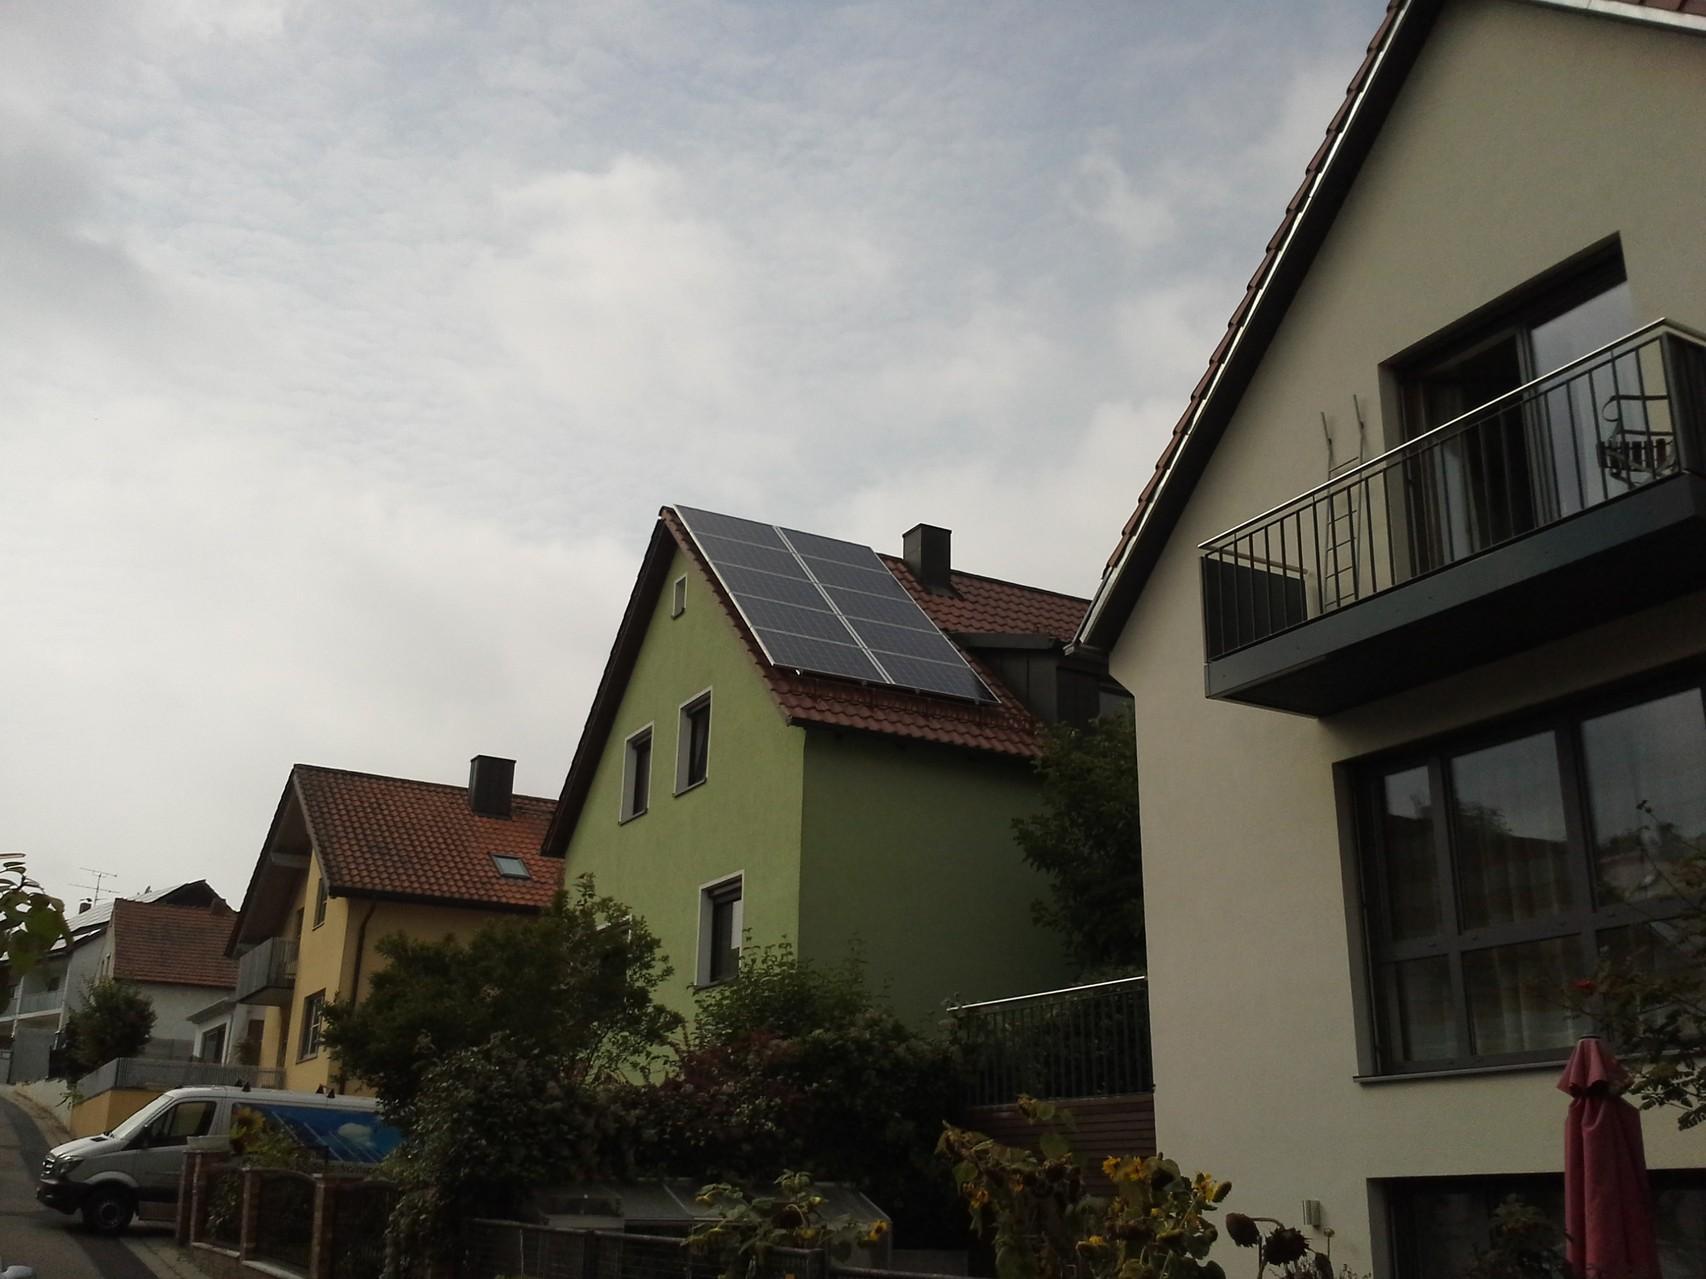 Phototovoltaikanlage 7,65 in 93053 Regensburgf  mit Solarwatt Glas/Glas Module 30 Jahre Garantie